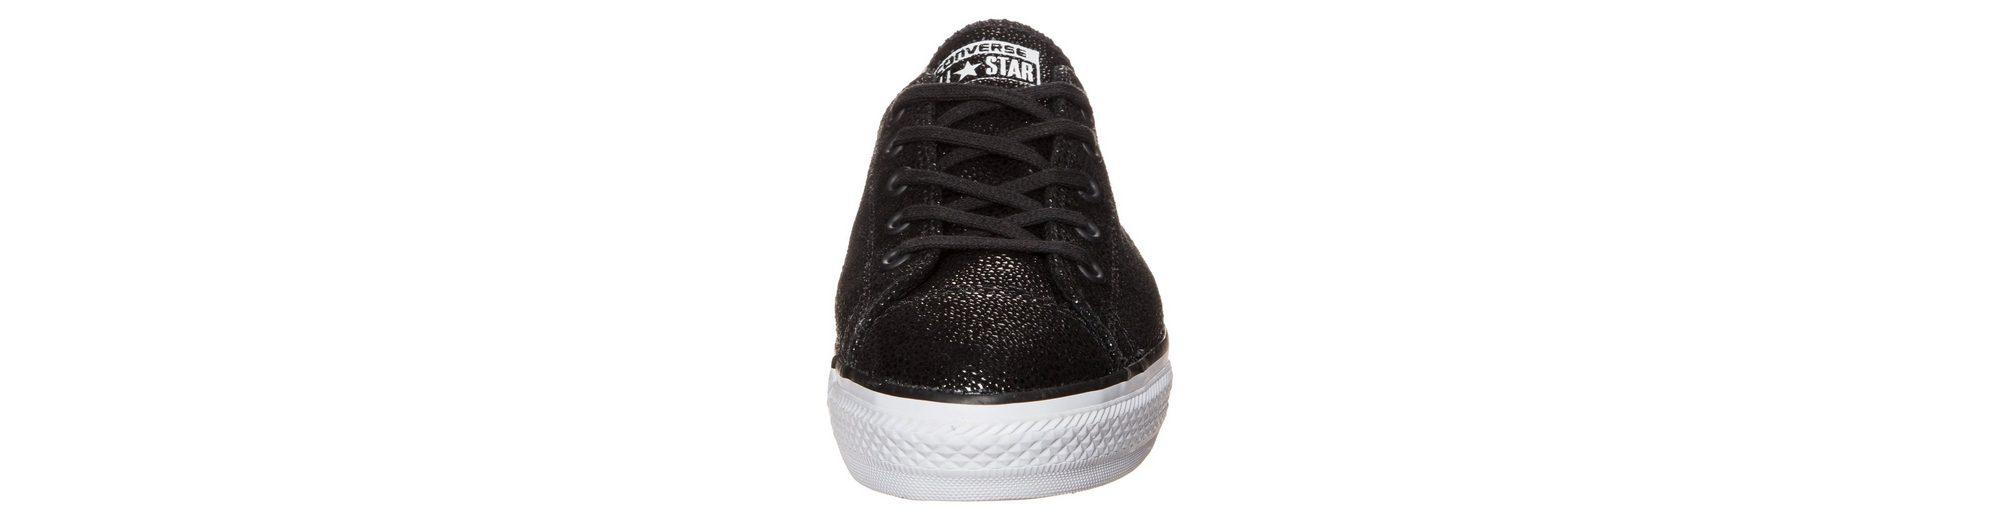 Freies Verschiffen Besuch Converse Chuck Taylor All Star High Line Metallic OX Sneaker Damen Niedriger Preis Versandgebühr Billig Verkauf Shop Unter Online-Verkauf Echt Verkauf Online ec3WTCMs